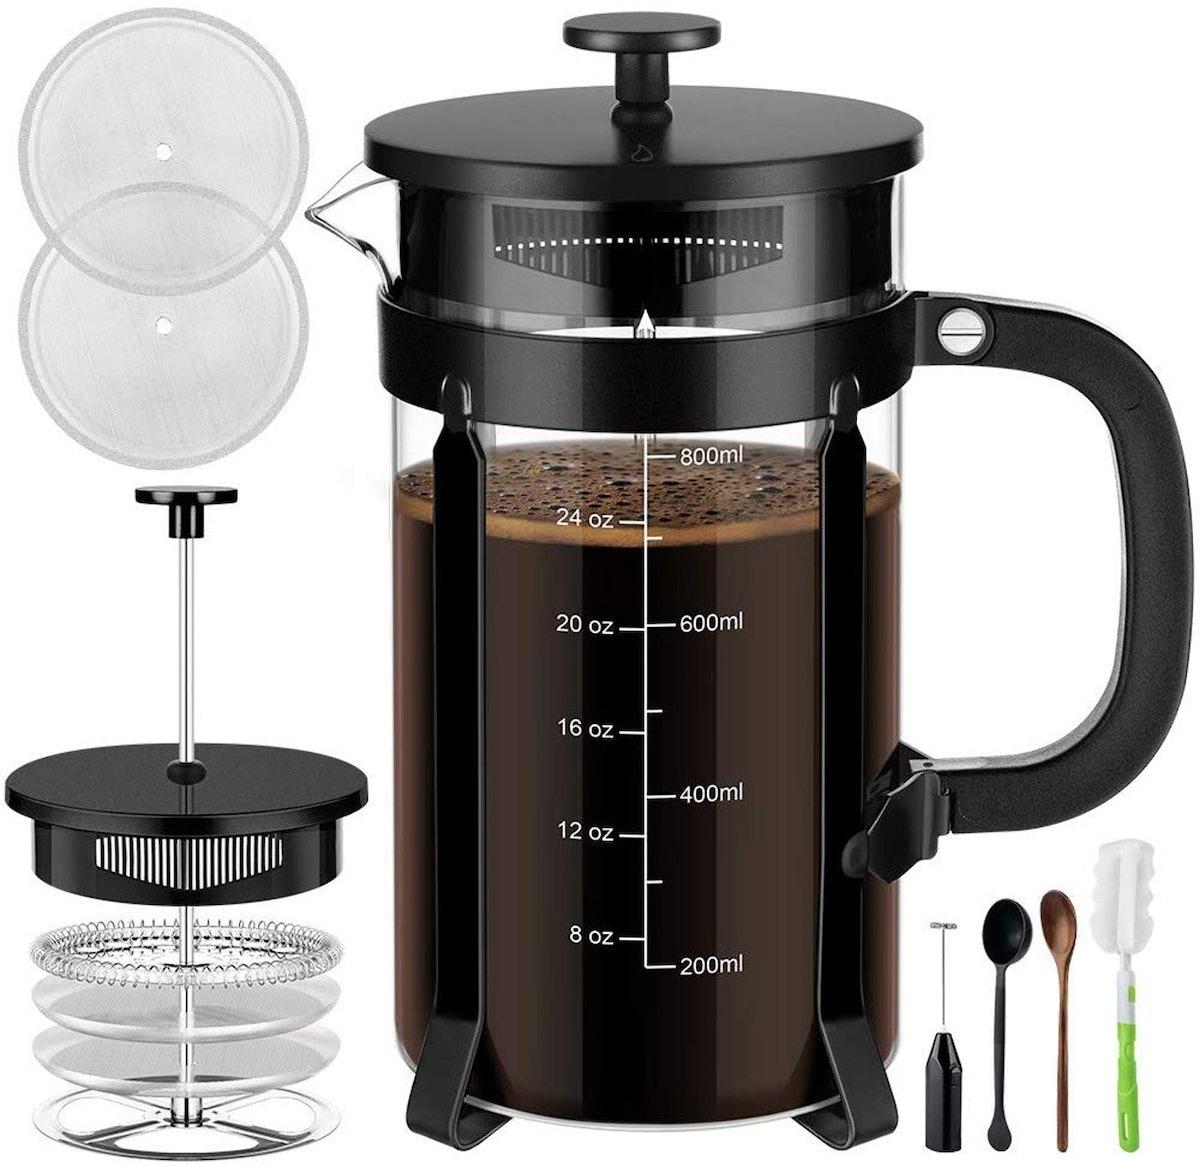 Veken French Press Coffee Maker (34 oz)